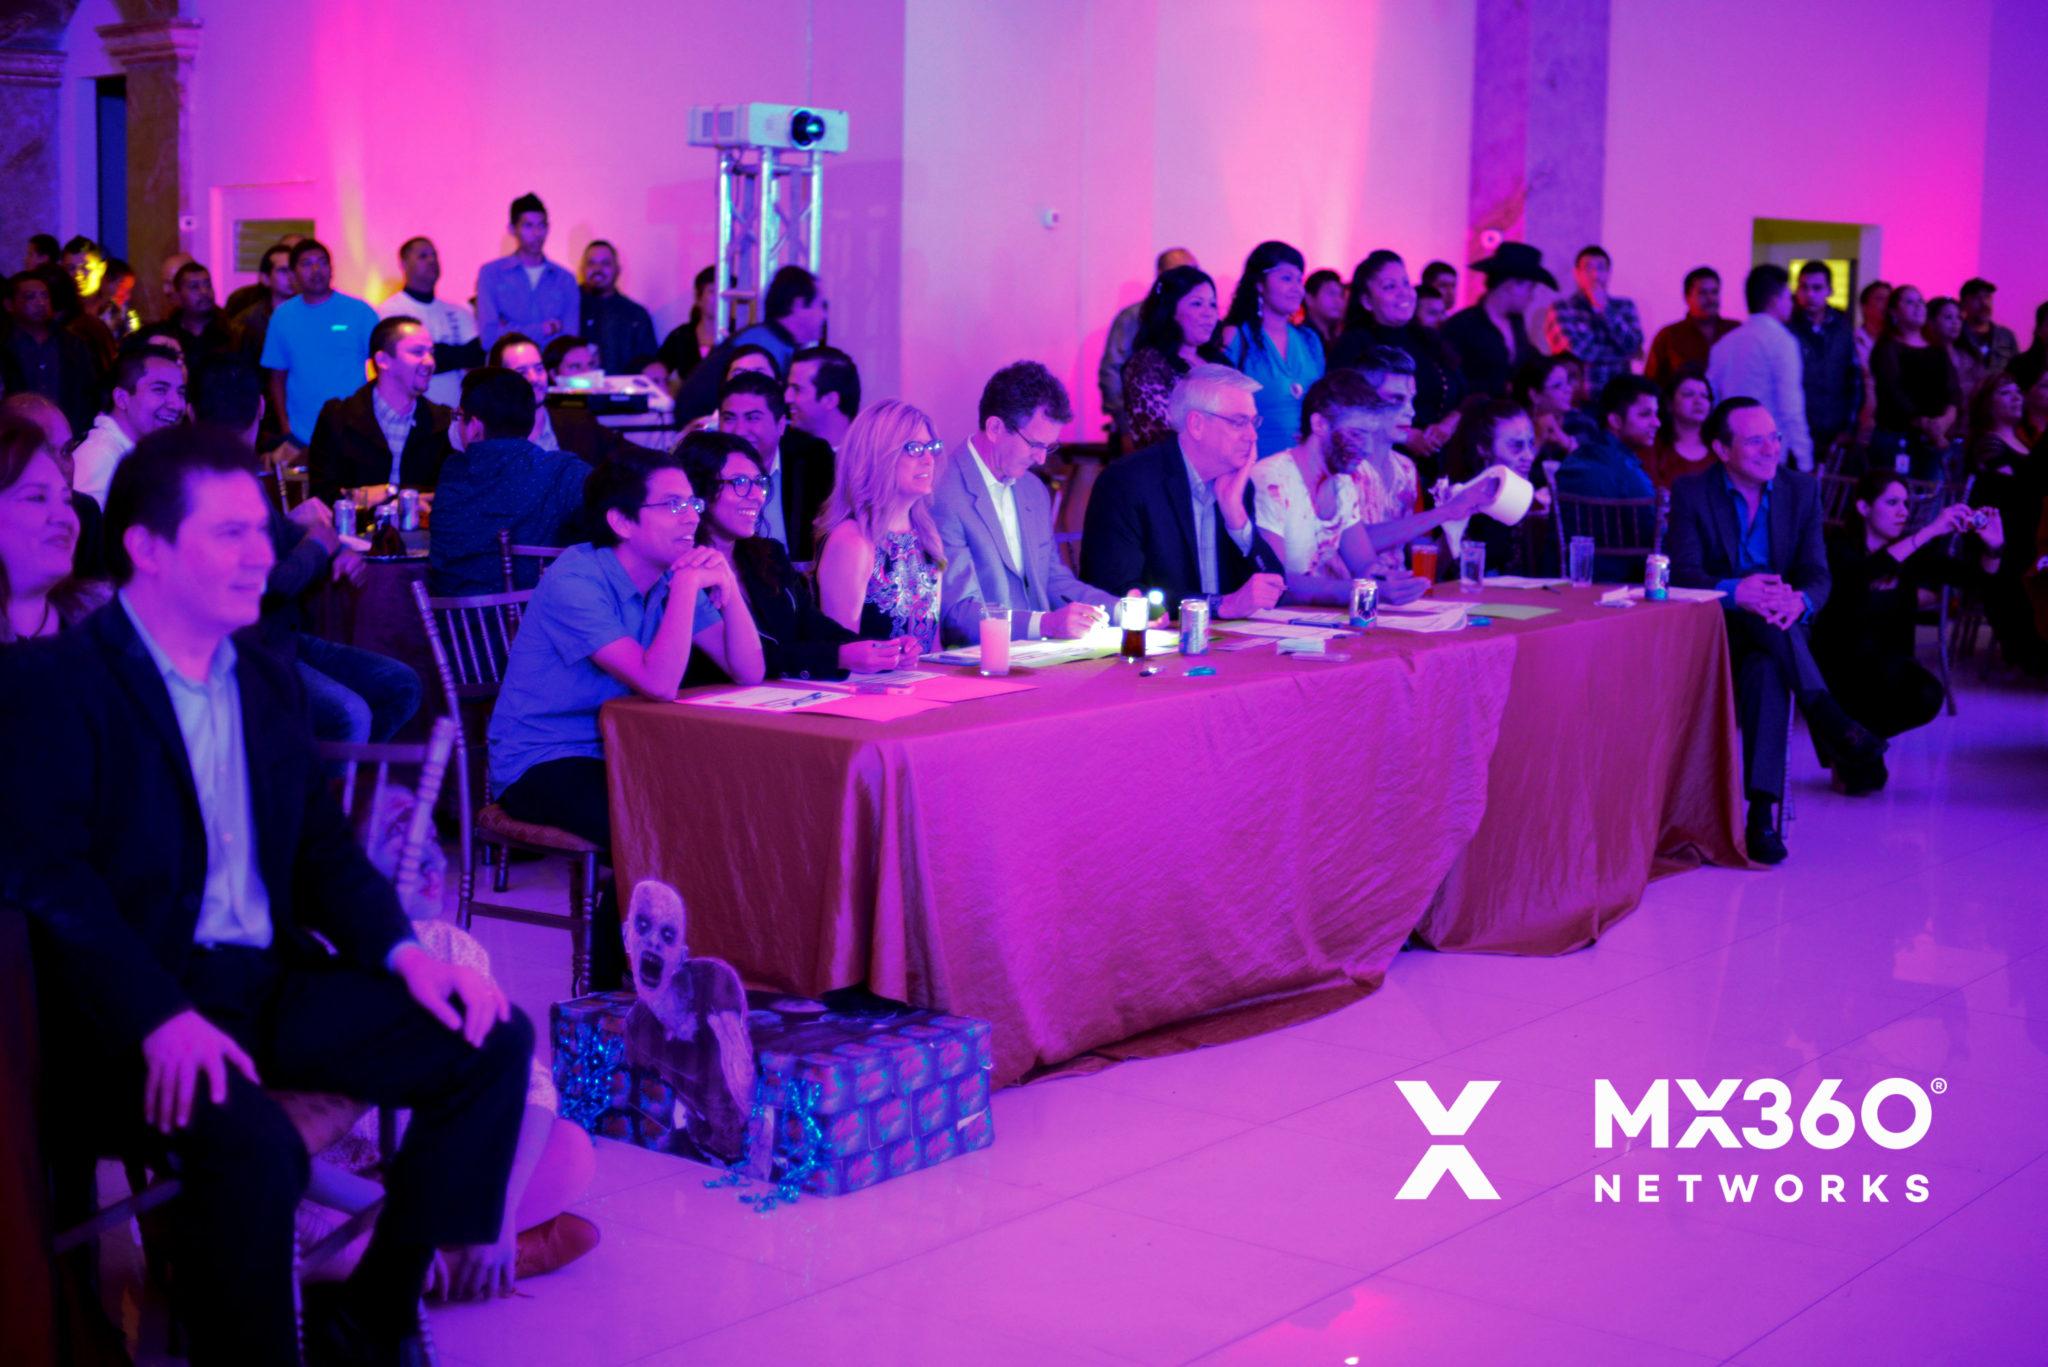 Iluminación Performance musical, organización de eventos, eventos corporativos, ambientación y decoración de eventos, eventos monterrey.